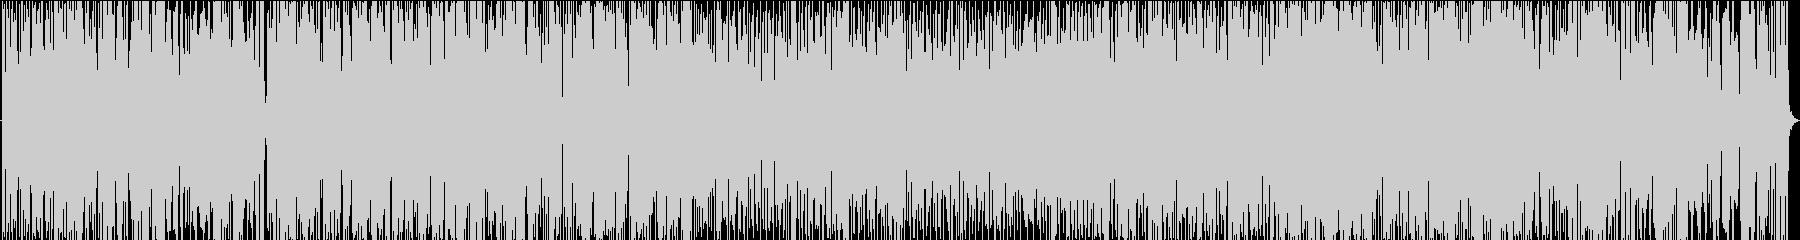 ヘンリー・マンシーニのリズミカルな...の未再生の波形